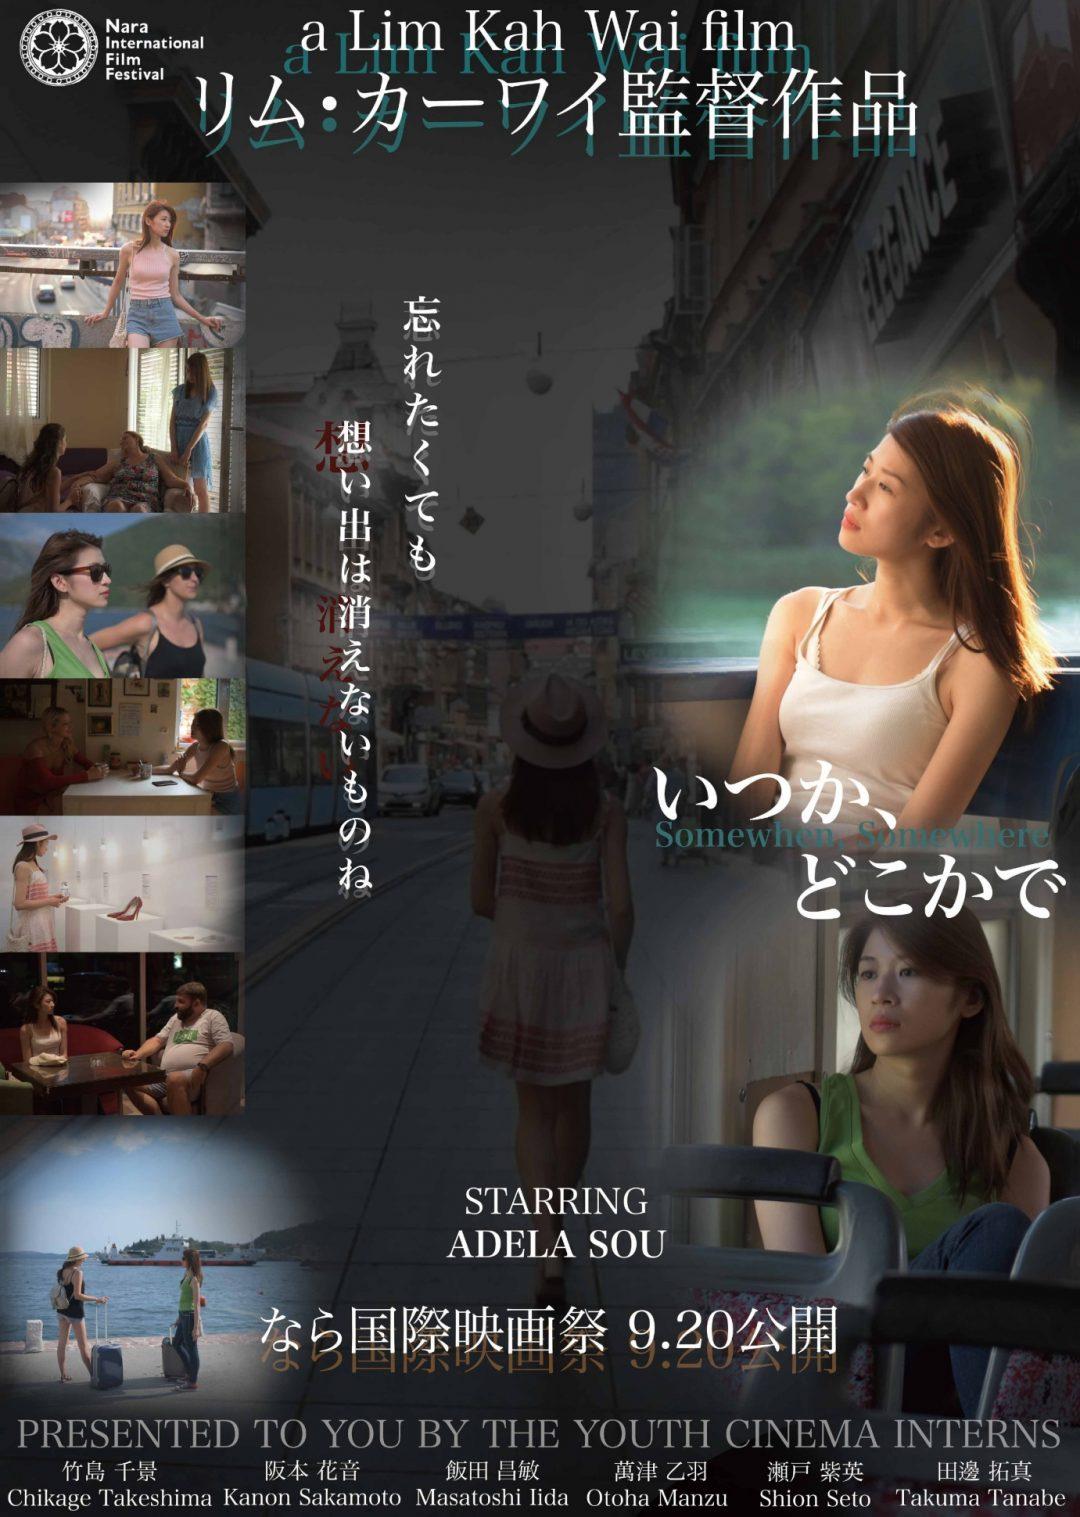 リム・カーワイ監督作品 映画『いつか、どこかで』が「なら国際映画祭 for Youth 2021」で上映 !  宣伝・広報活動はユースシネマインターン生たちが担当